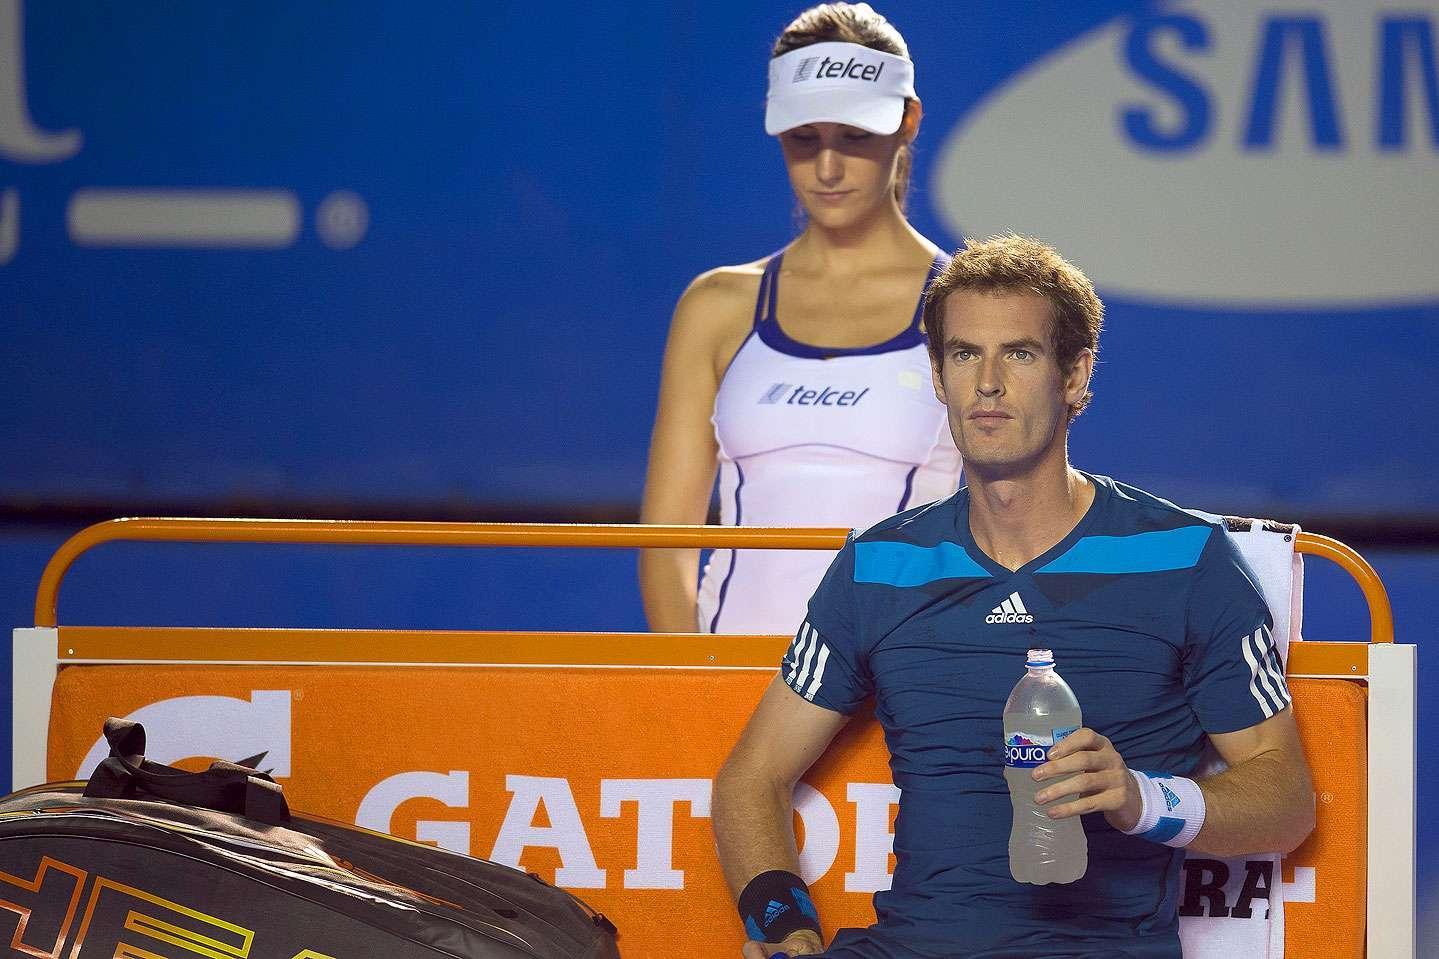 El británico Andy Murray tuvo que superar un set espectacular del español Pablo Andújar para avanzar en tres sets (3-6, 6-1 y 6-2) a la segunda ronda del Abierto Mexicano de Tenis. Foto: Omar Martínez/Mexsport